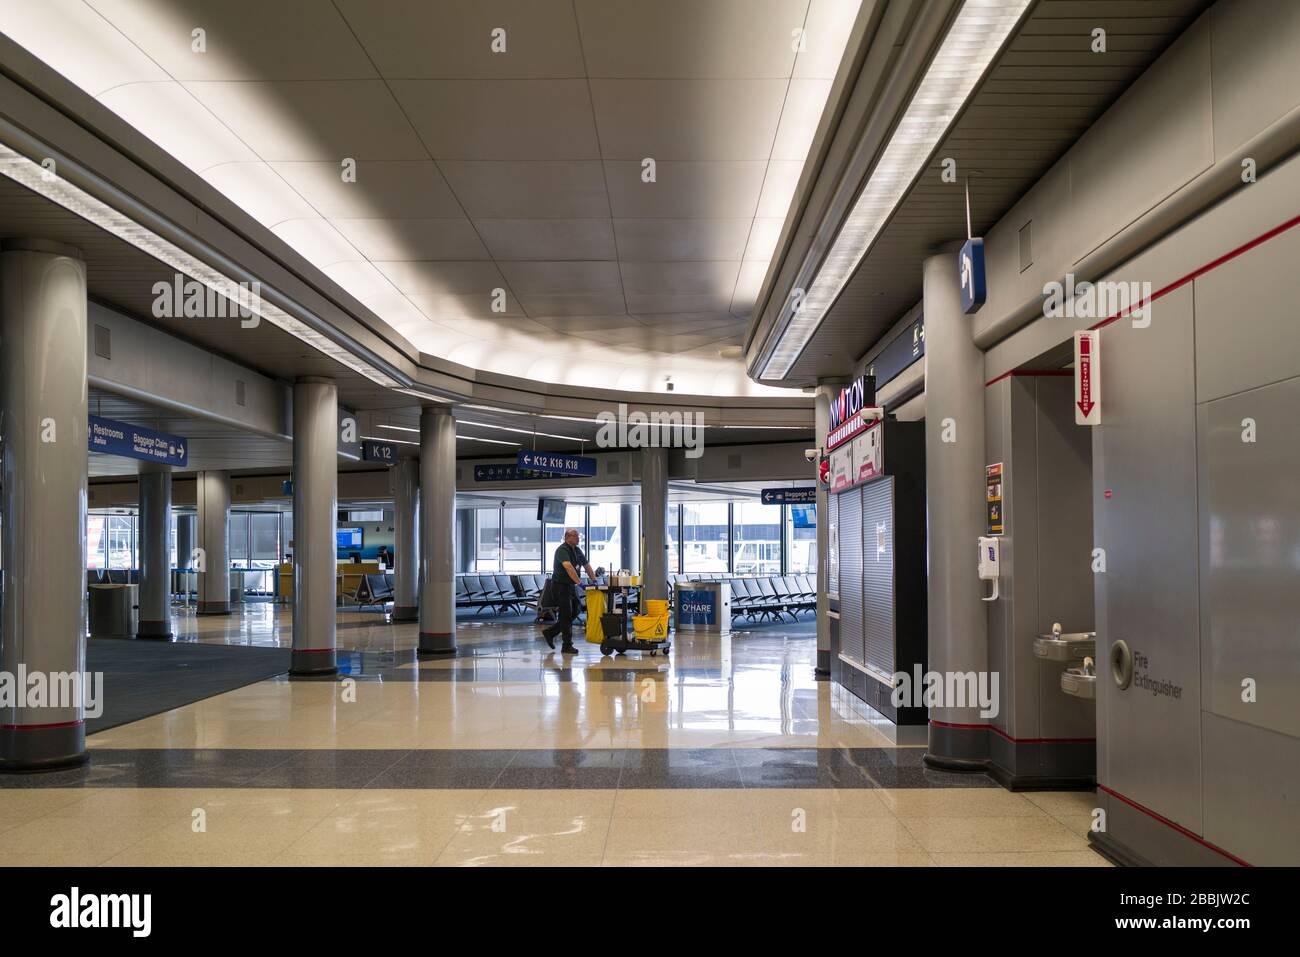 Der O'Hare International Airport in Chicago, einst einer der meistfrequentierten Flughäfen der USA, ist aufgrund der Coronavirus COVID-19-Pandemie inzwischen völlig leer. Stockfoto